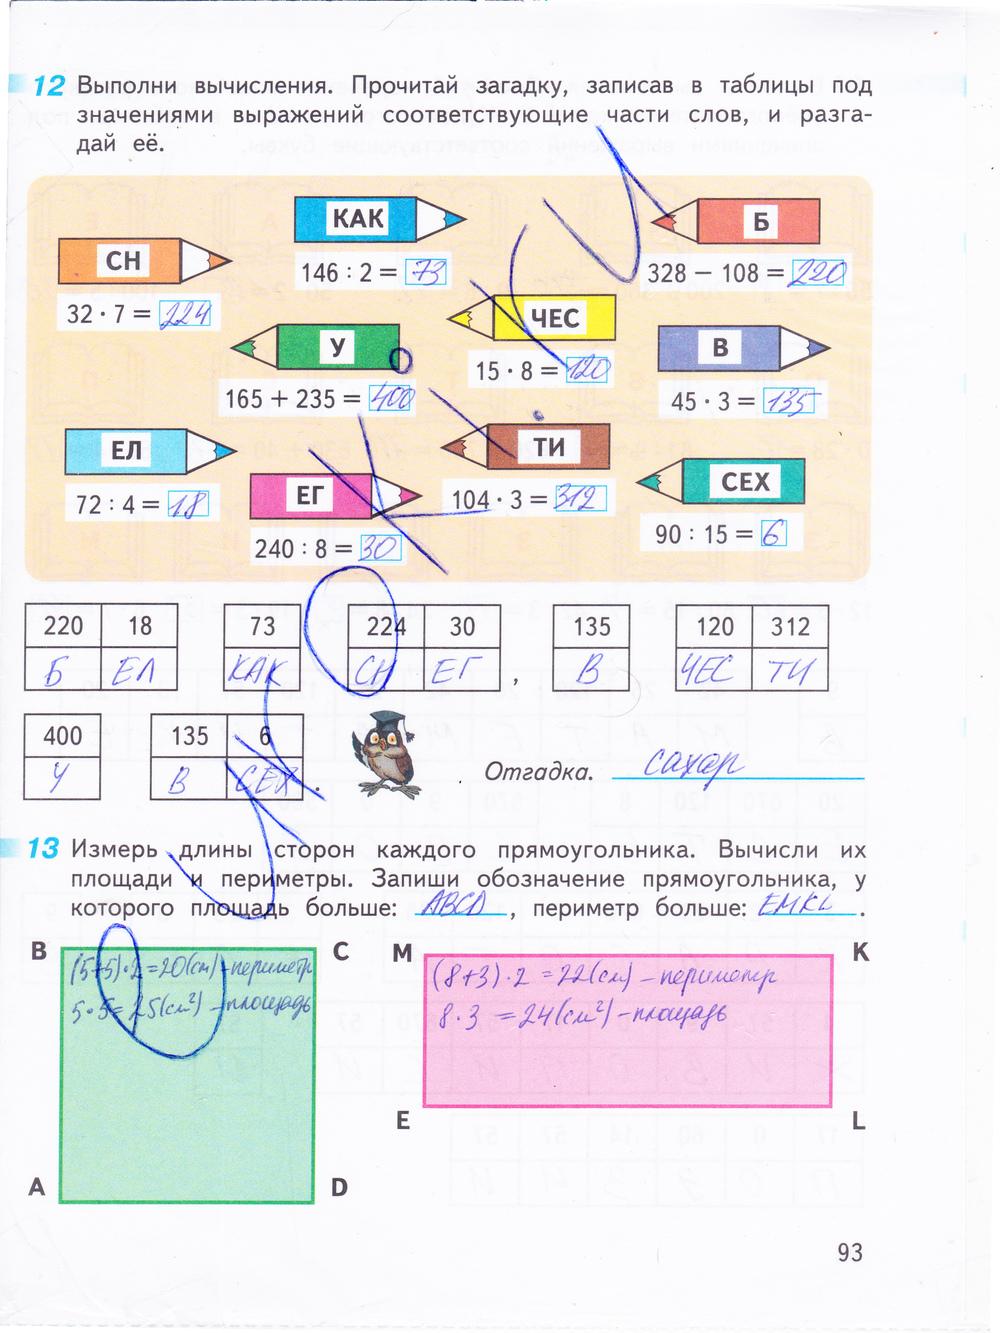 3 математике тетрадь по гдз рабочая класса бука